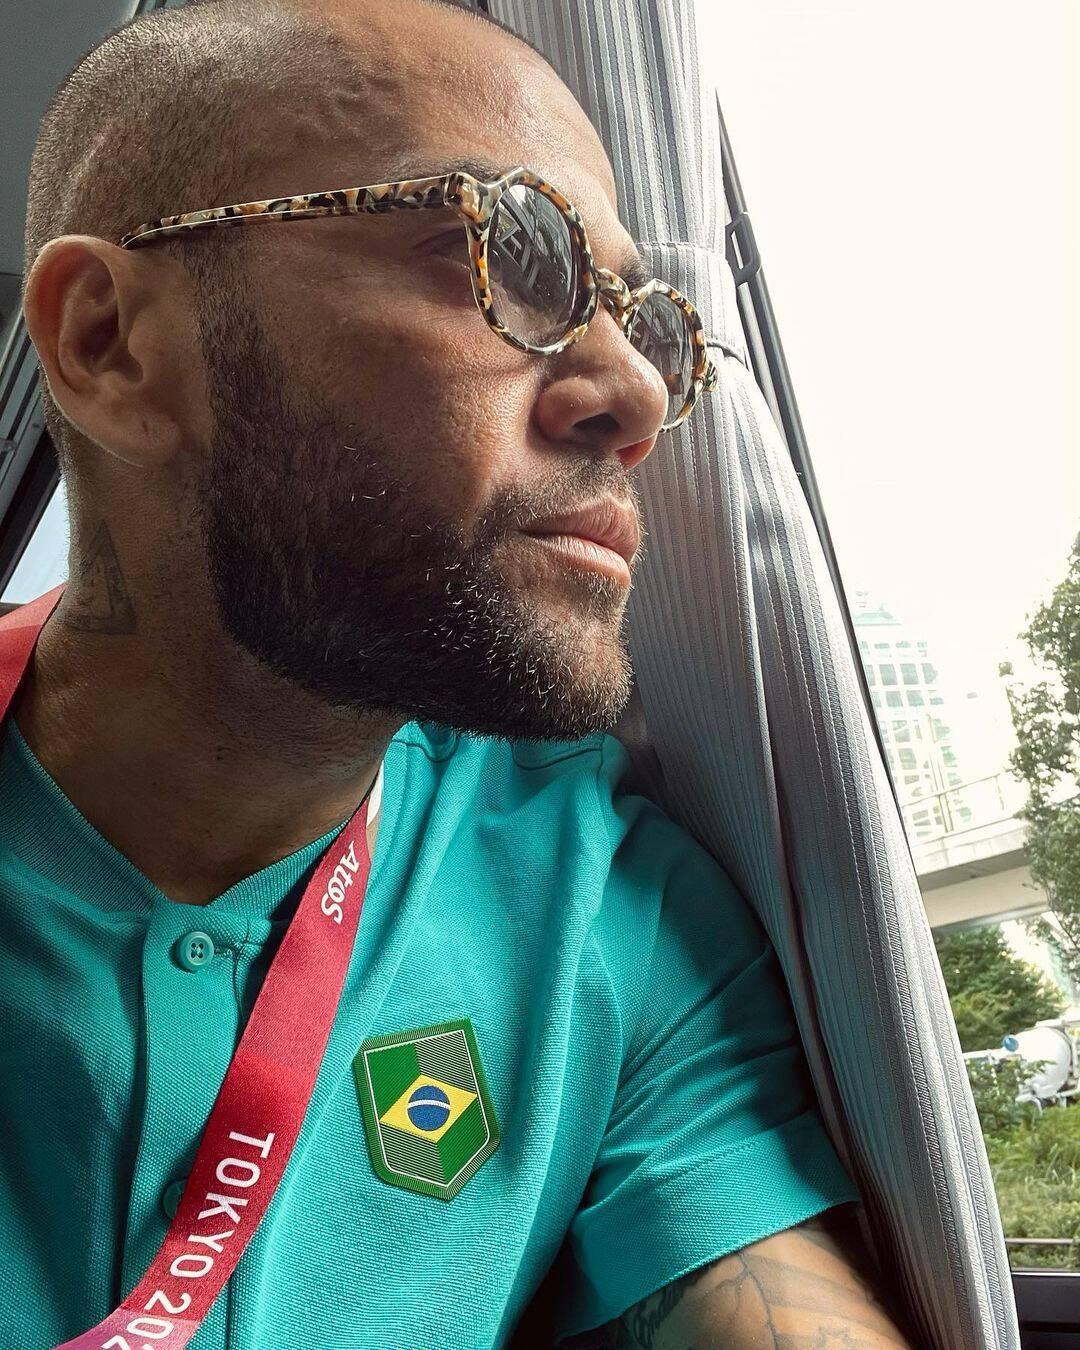 O futebol masculino, irá disputar por mais uma medalha olímpica (Foto: Instagram)